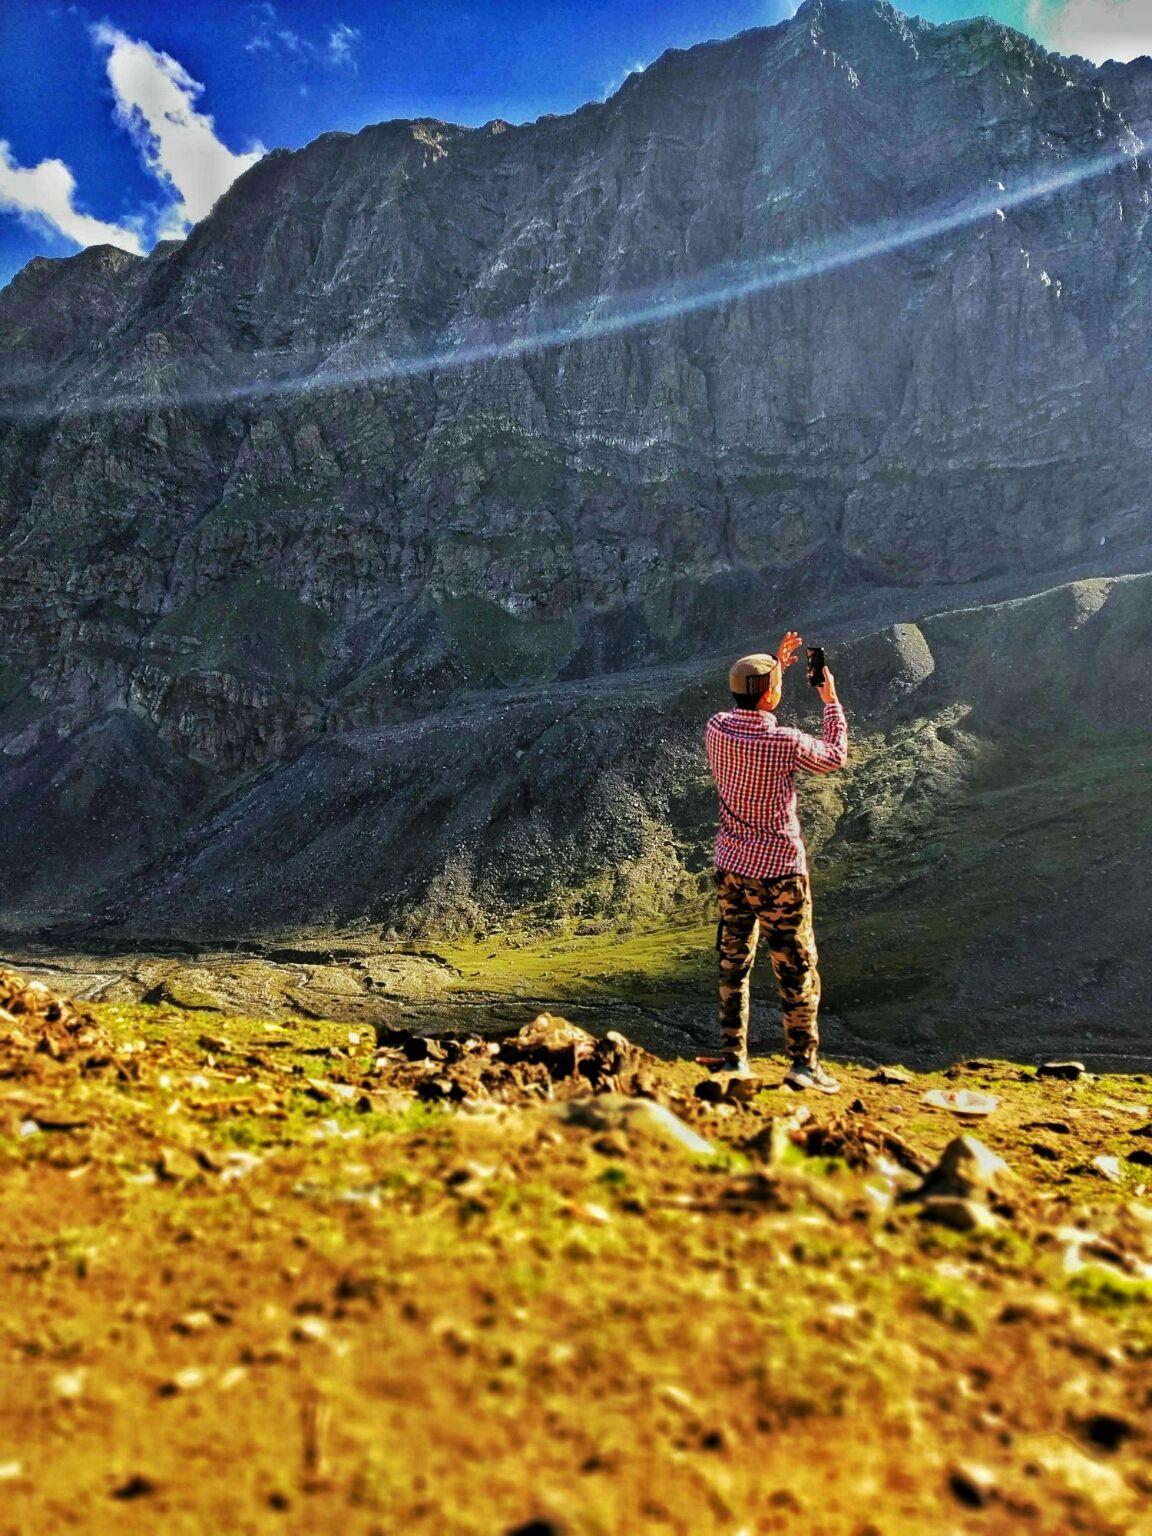 Photo of Manimahesh Kailash Peak By Shubham Singh Thakur